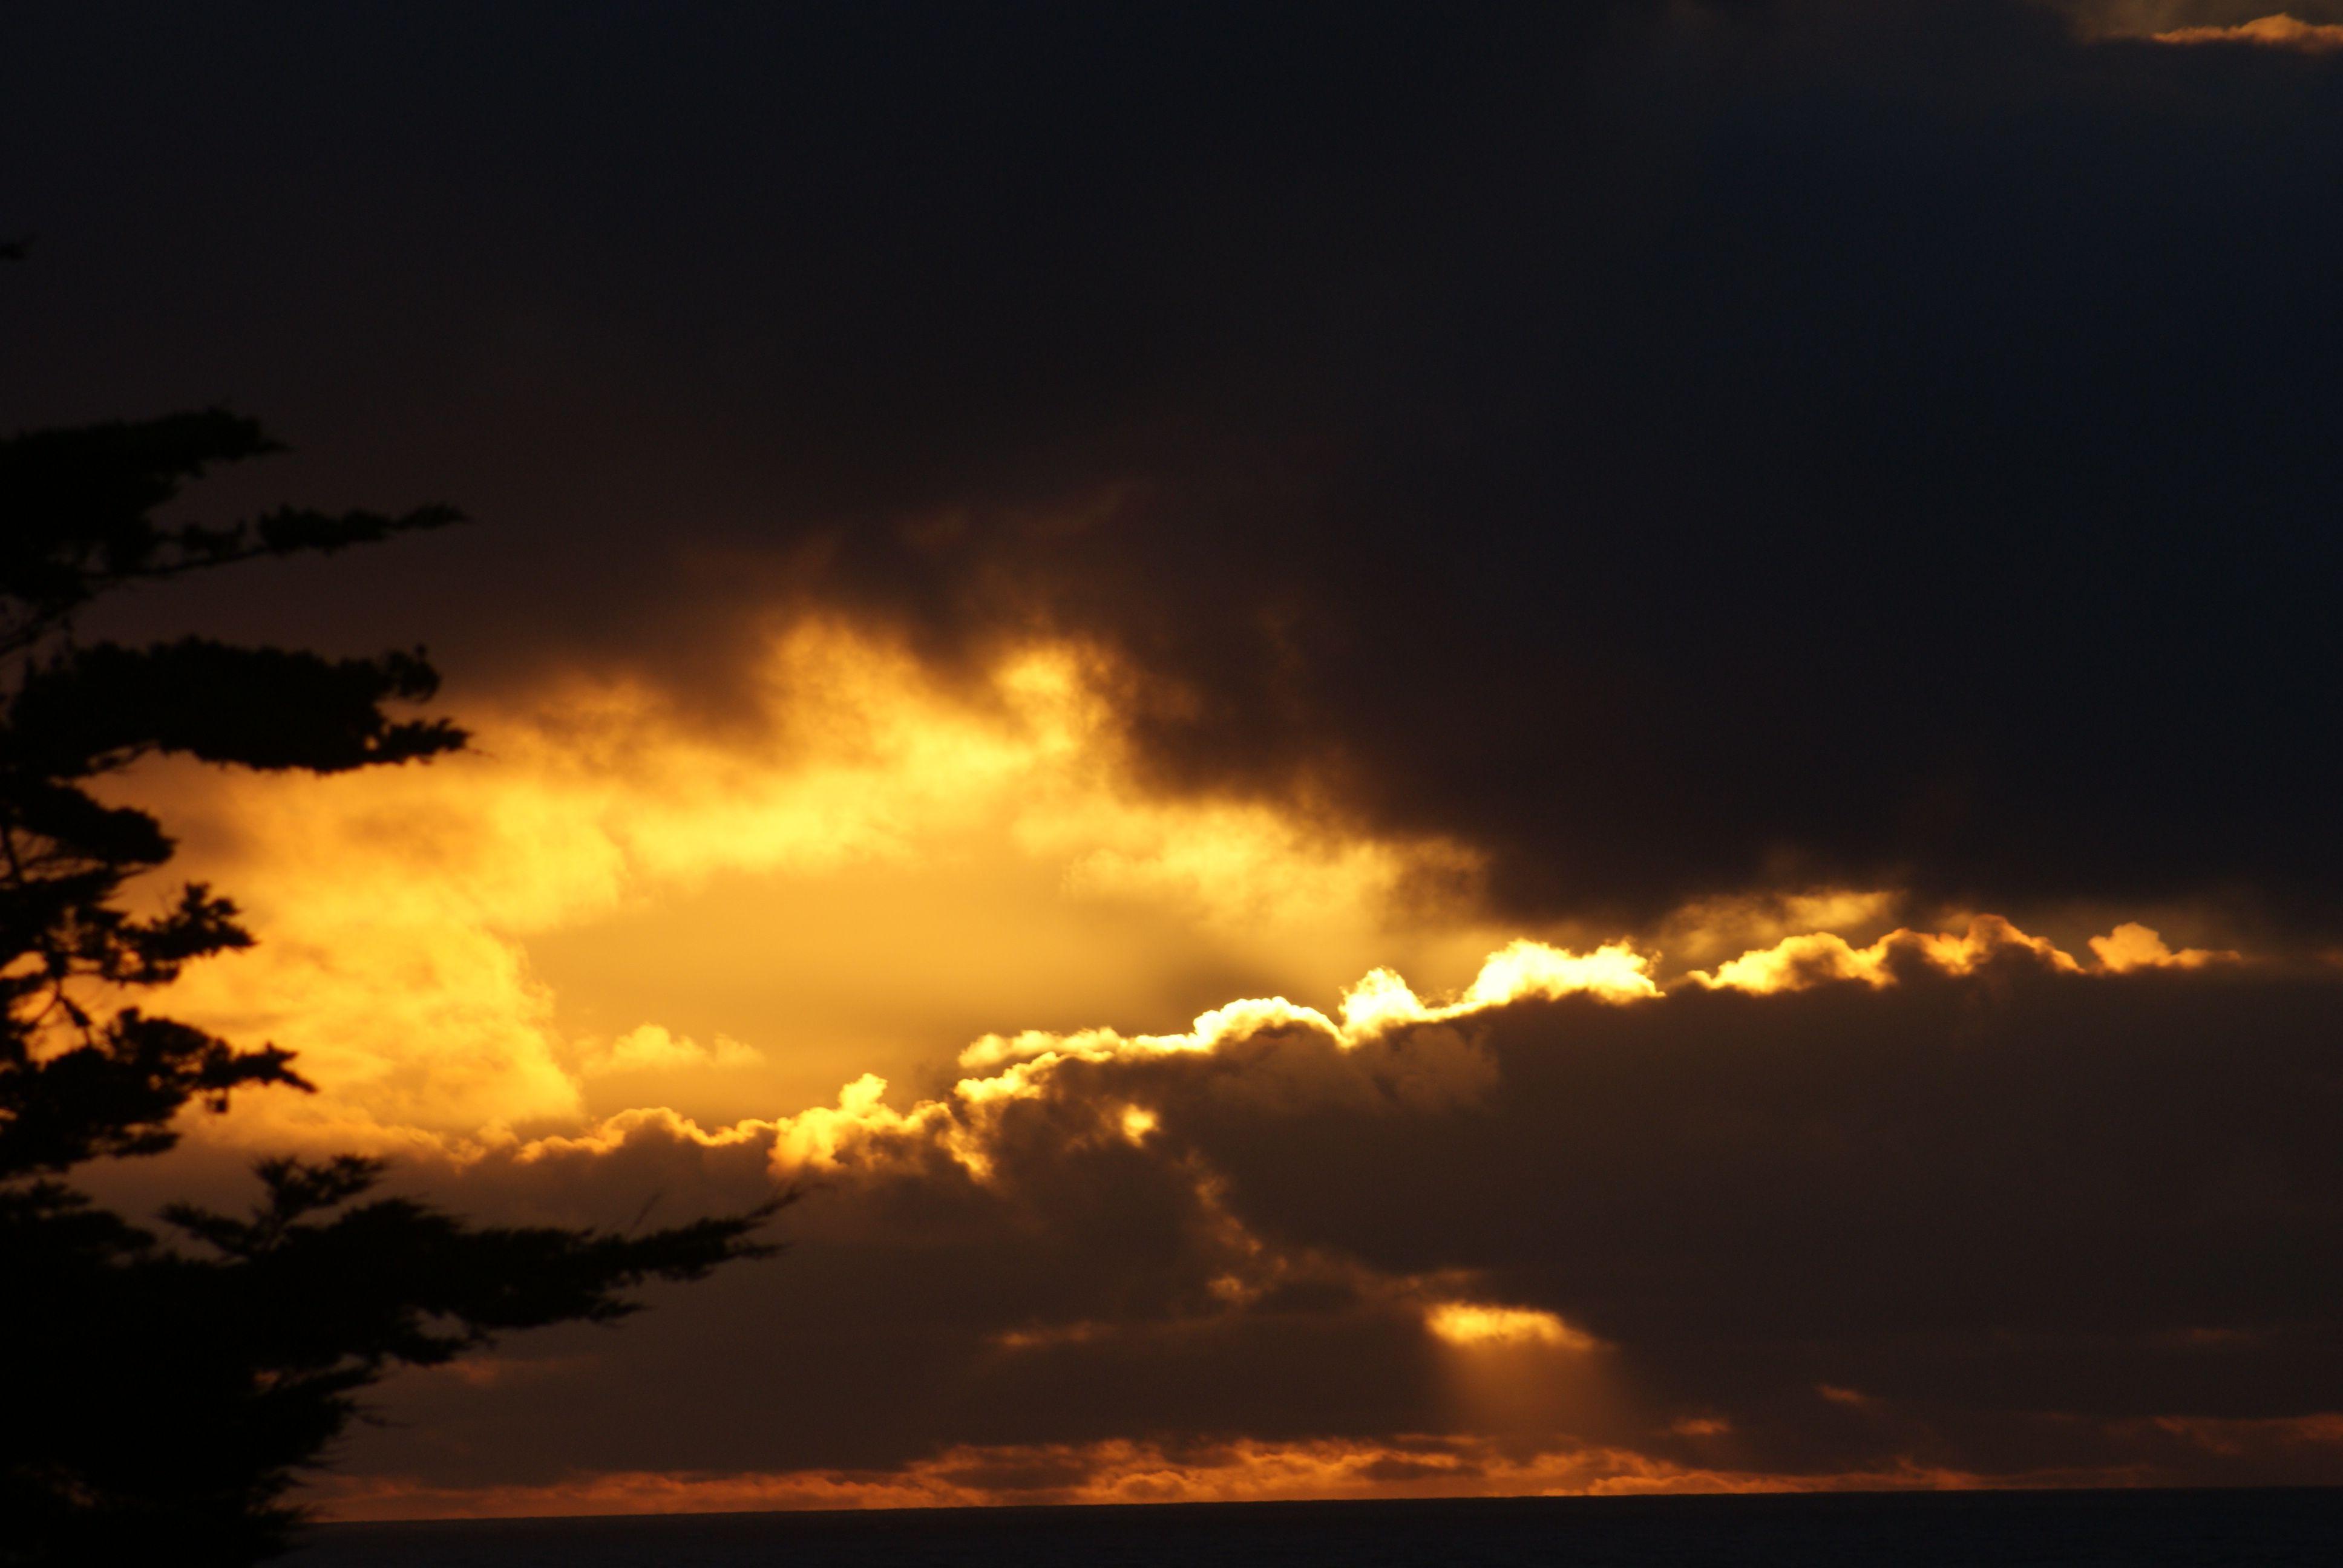 Trevone, Cornwall Celestial, Sunset, Outdoor